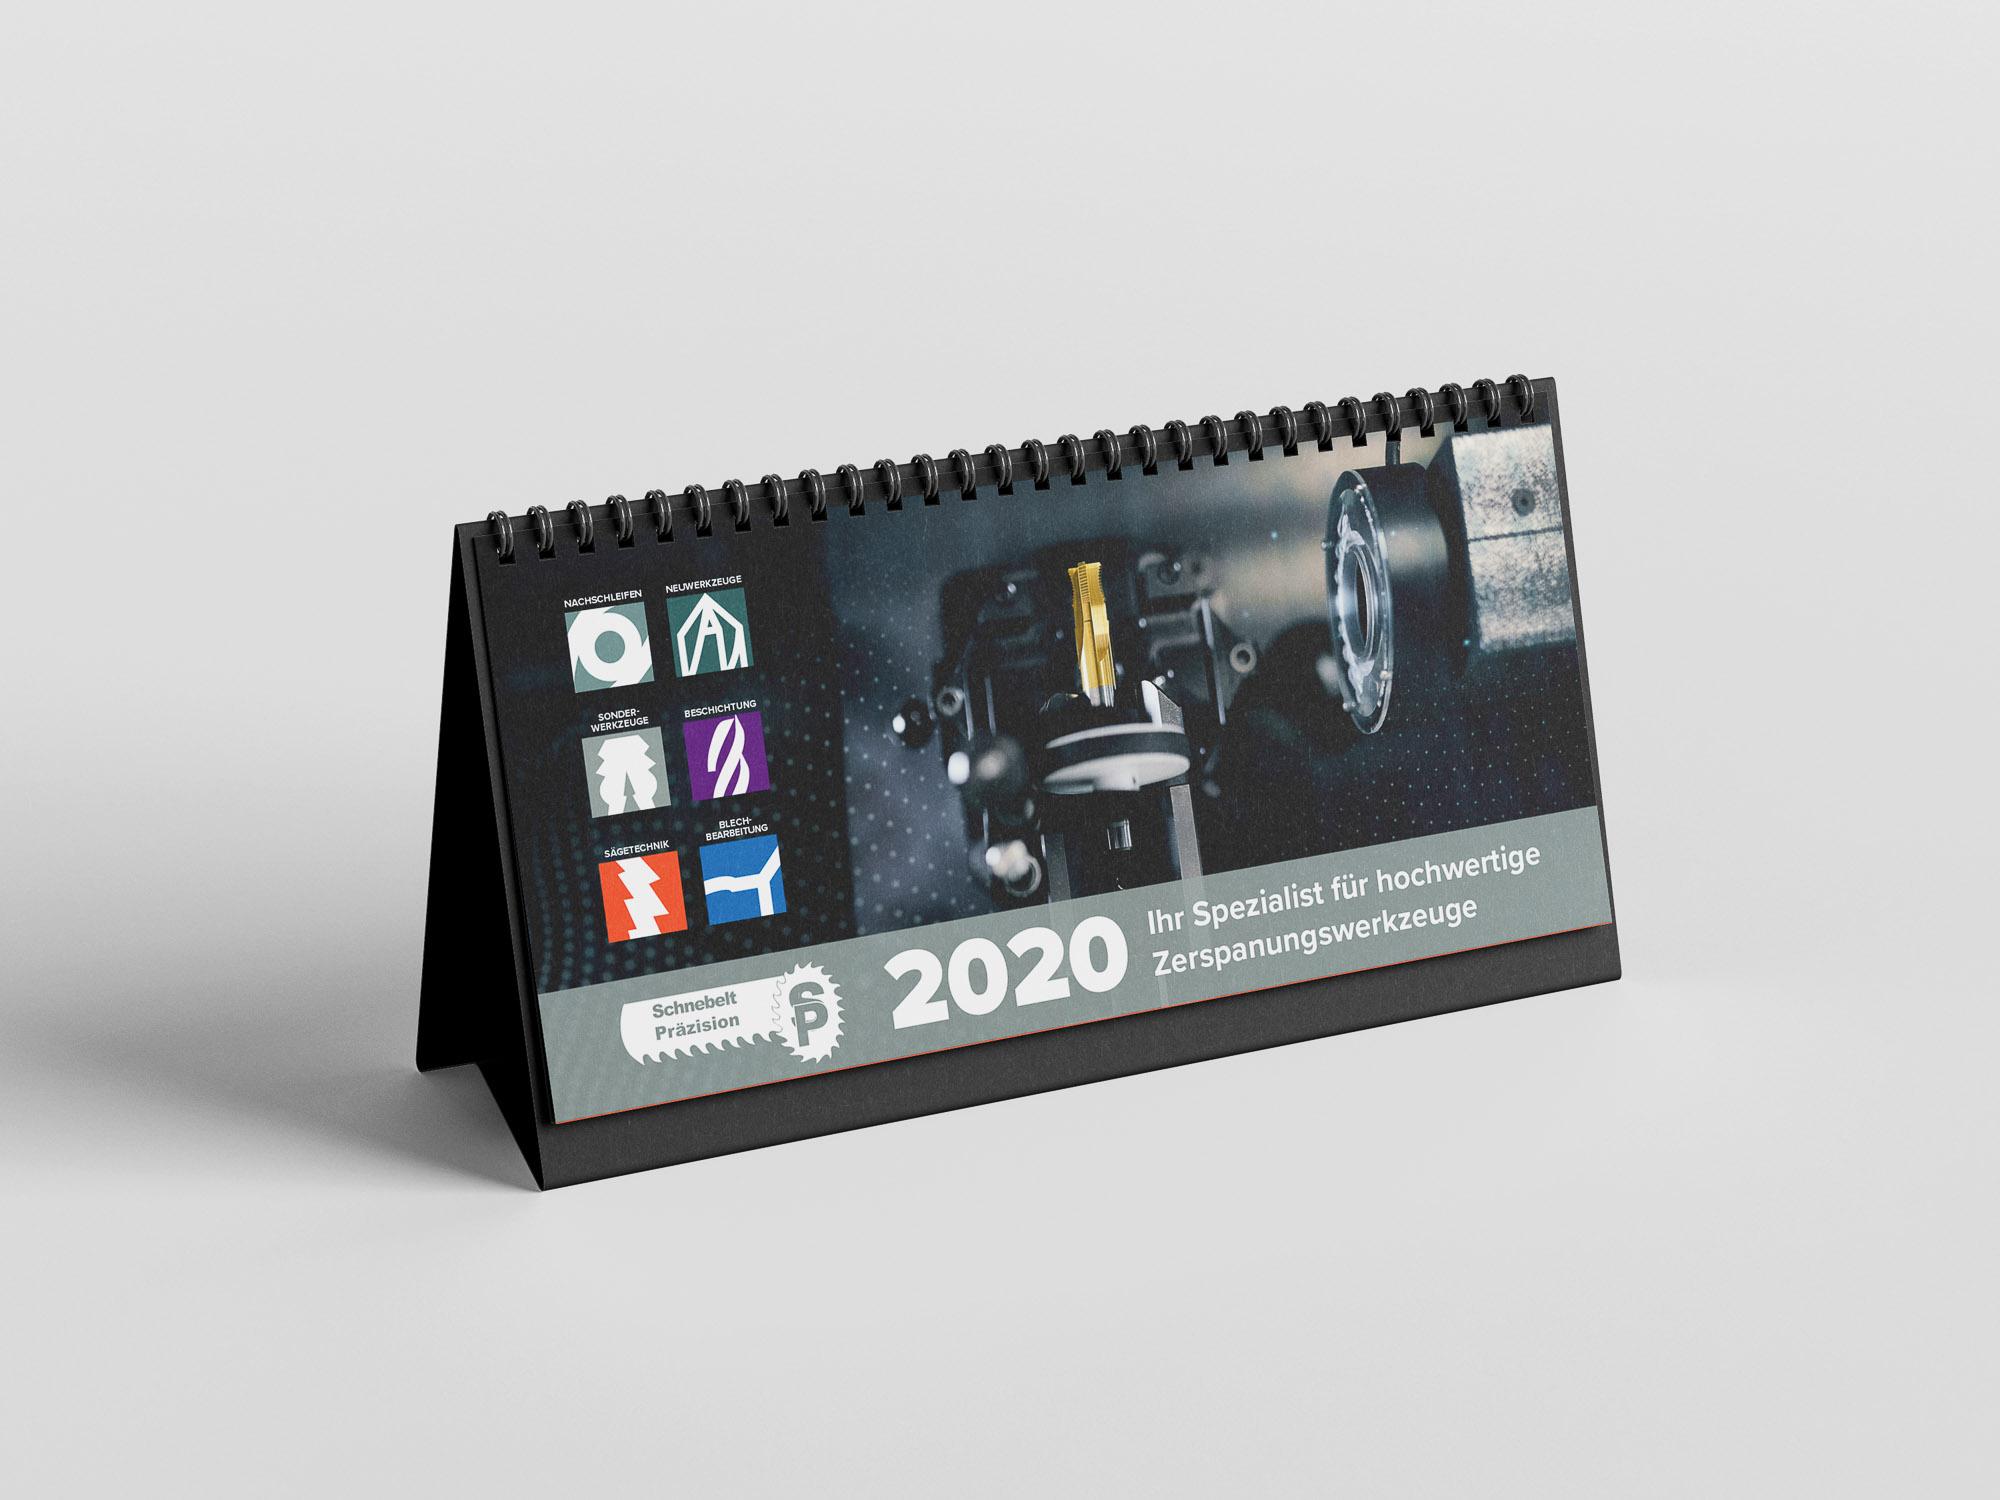 kopfmedia werbeagentur offenburg schnebelt praezision kalender